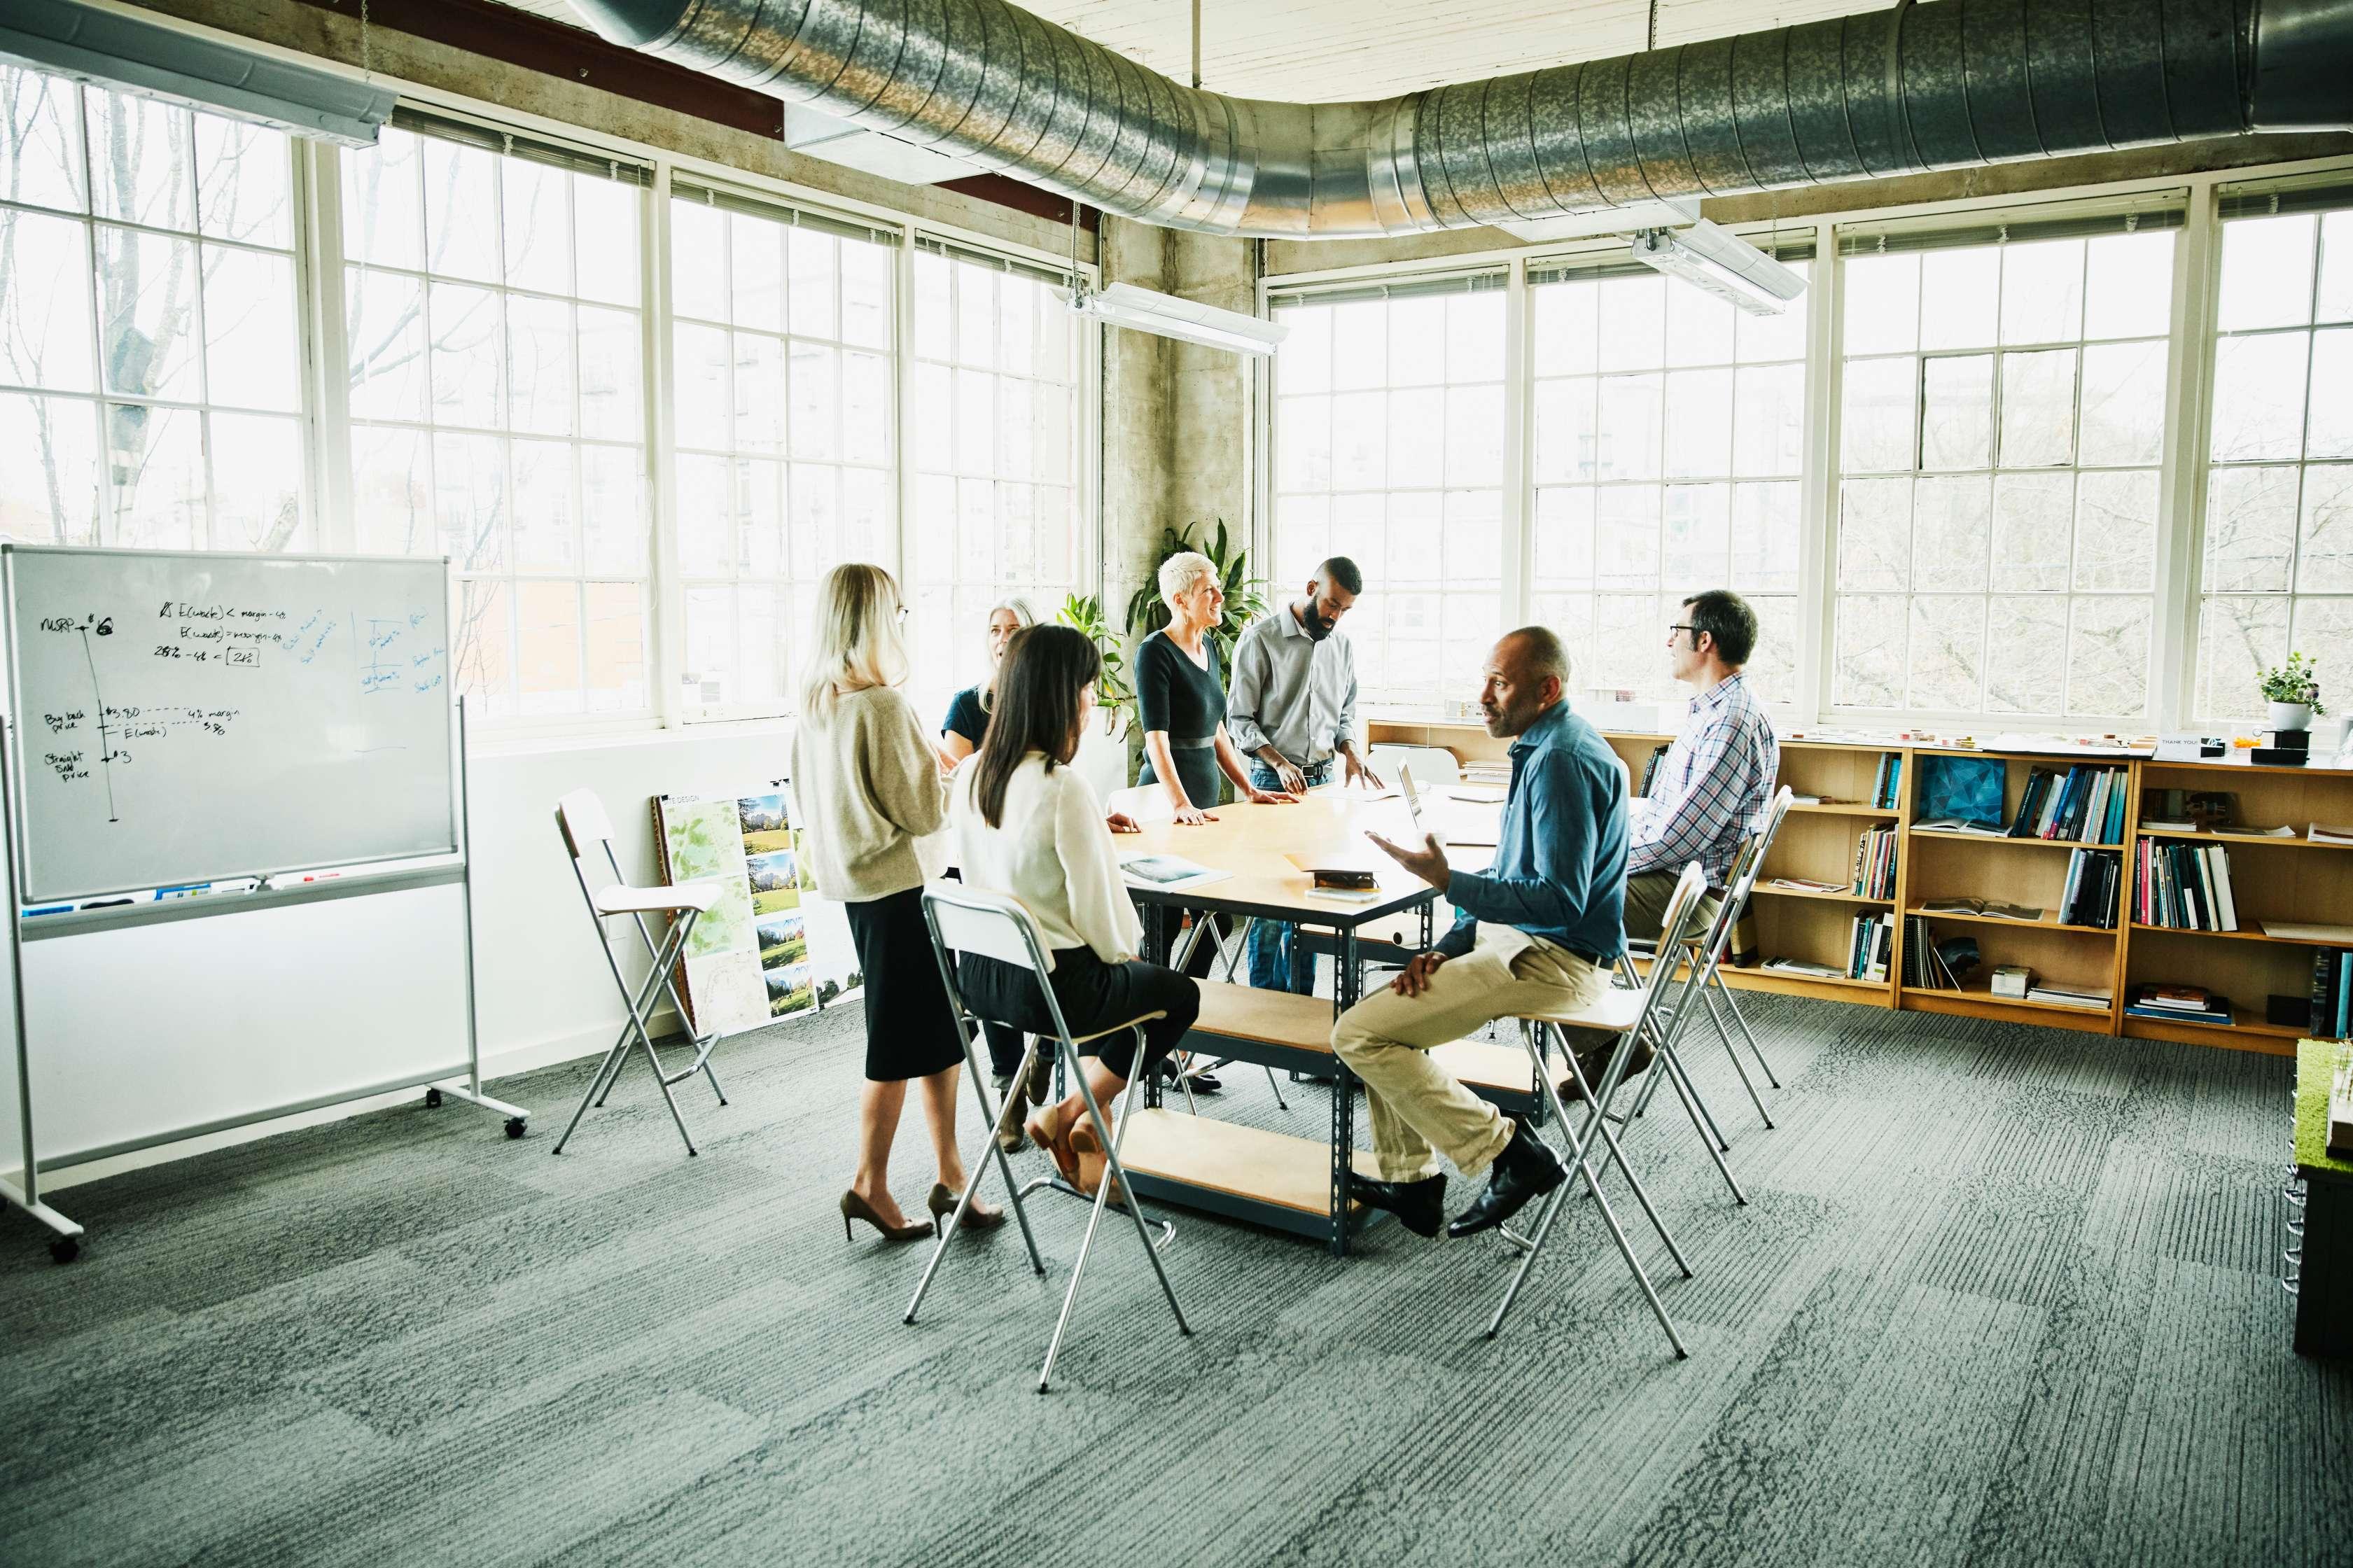 Eine Gruppe Arbeitskollegen sitzen gemeinsam in einem Besprechungsraum und diskutieren.